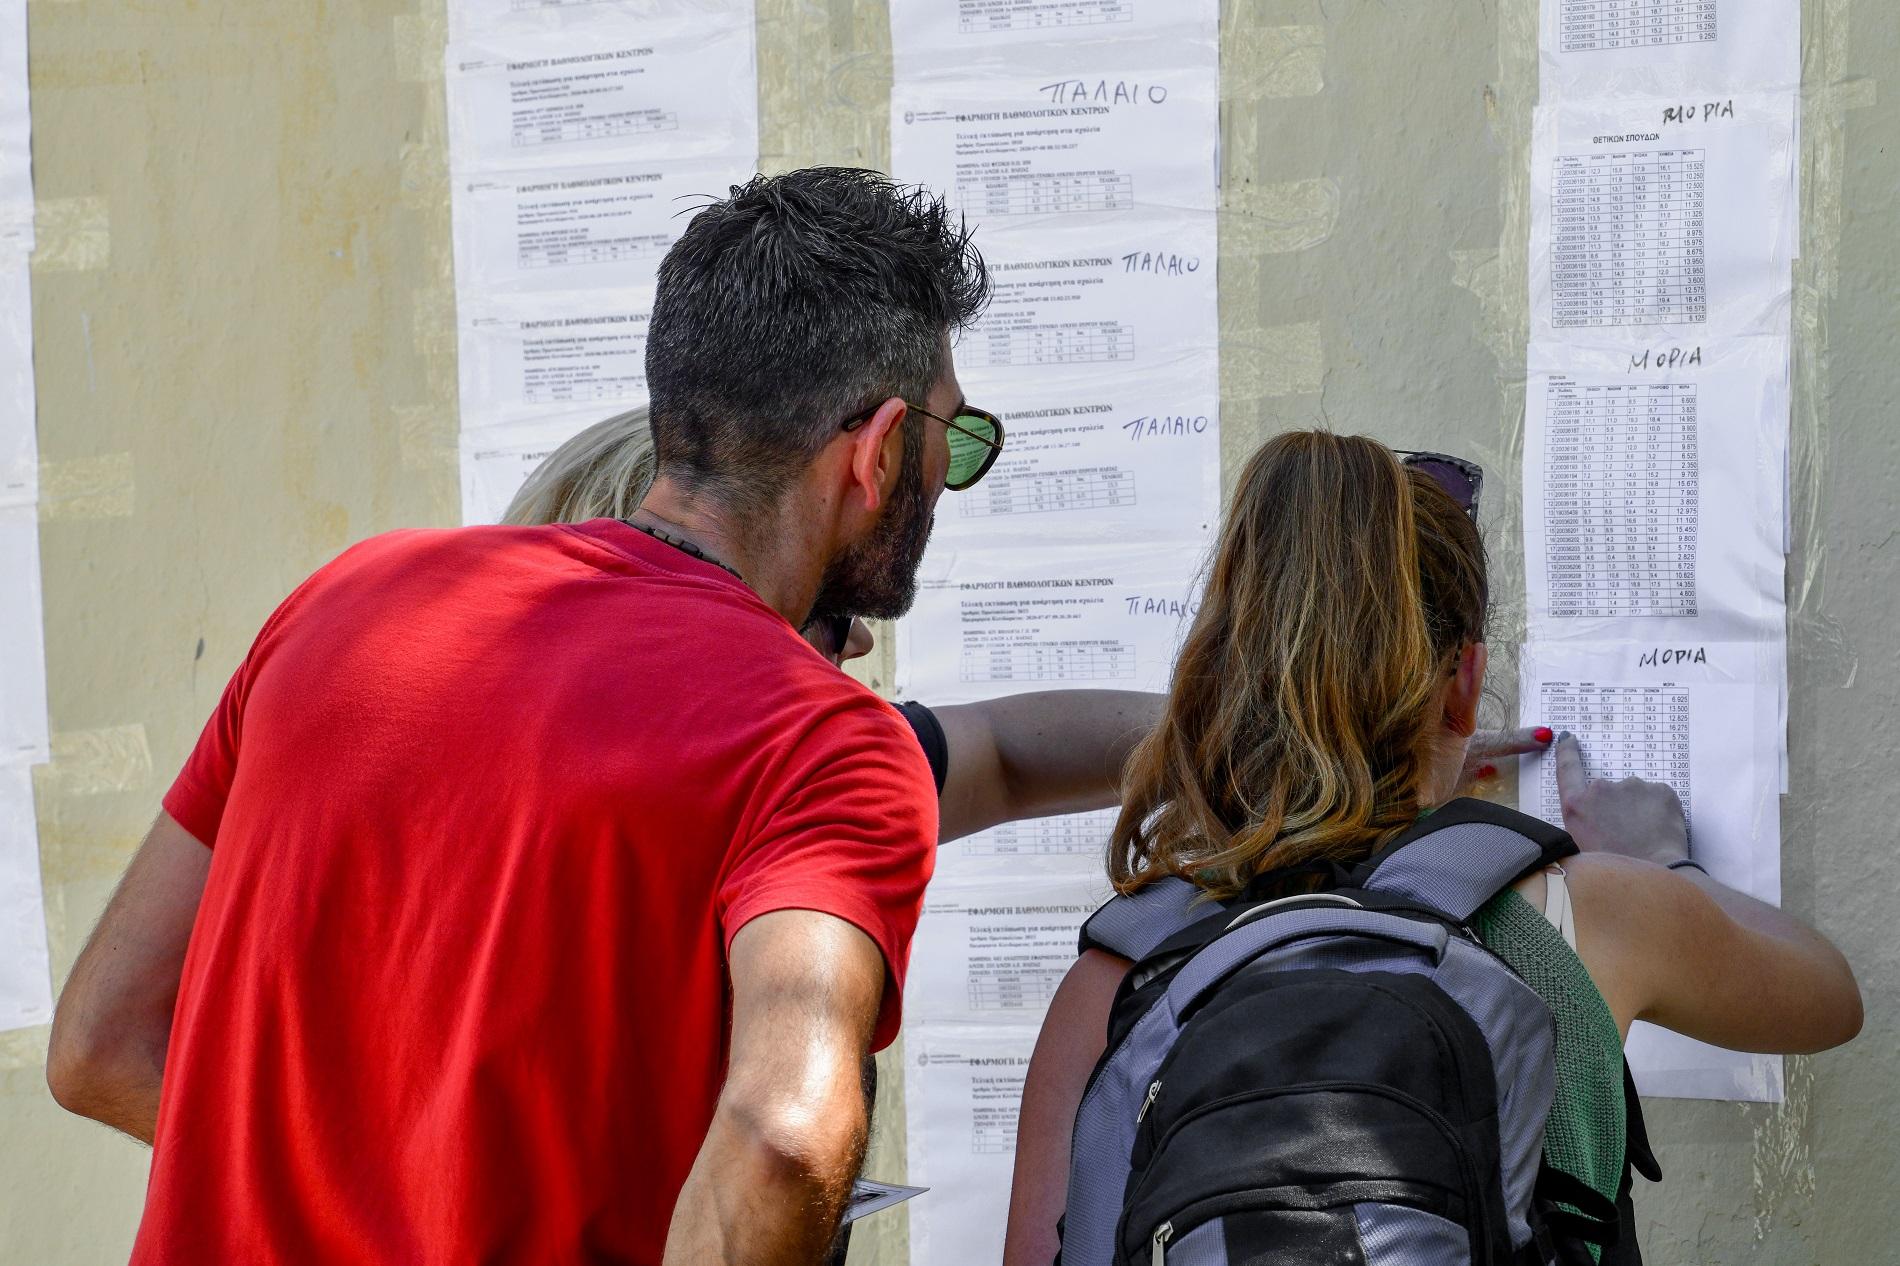 Σήμερα το μεσημέρι η ανάρτηση της βαθμολογίας των Πανελλαδικών Εξετάσεων